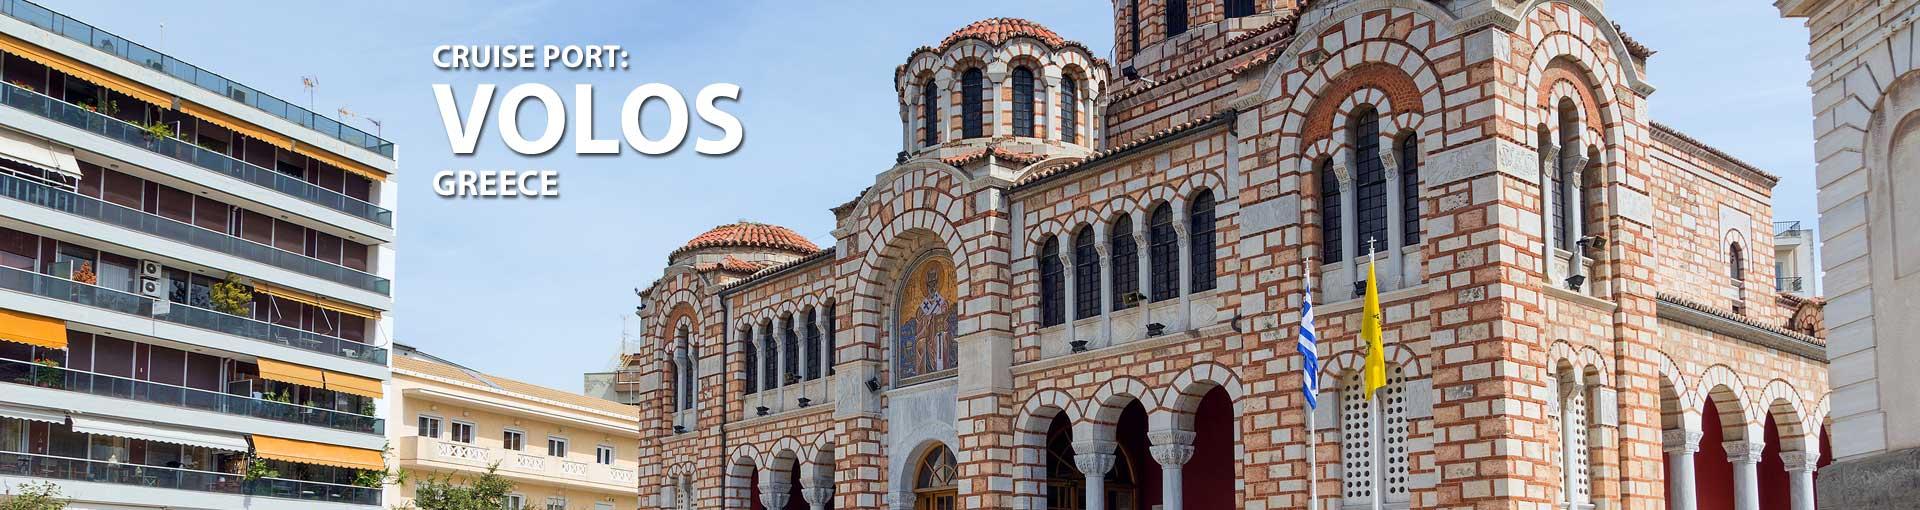 Cruises to Volos, Greece